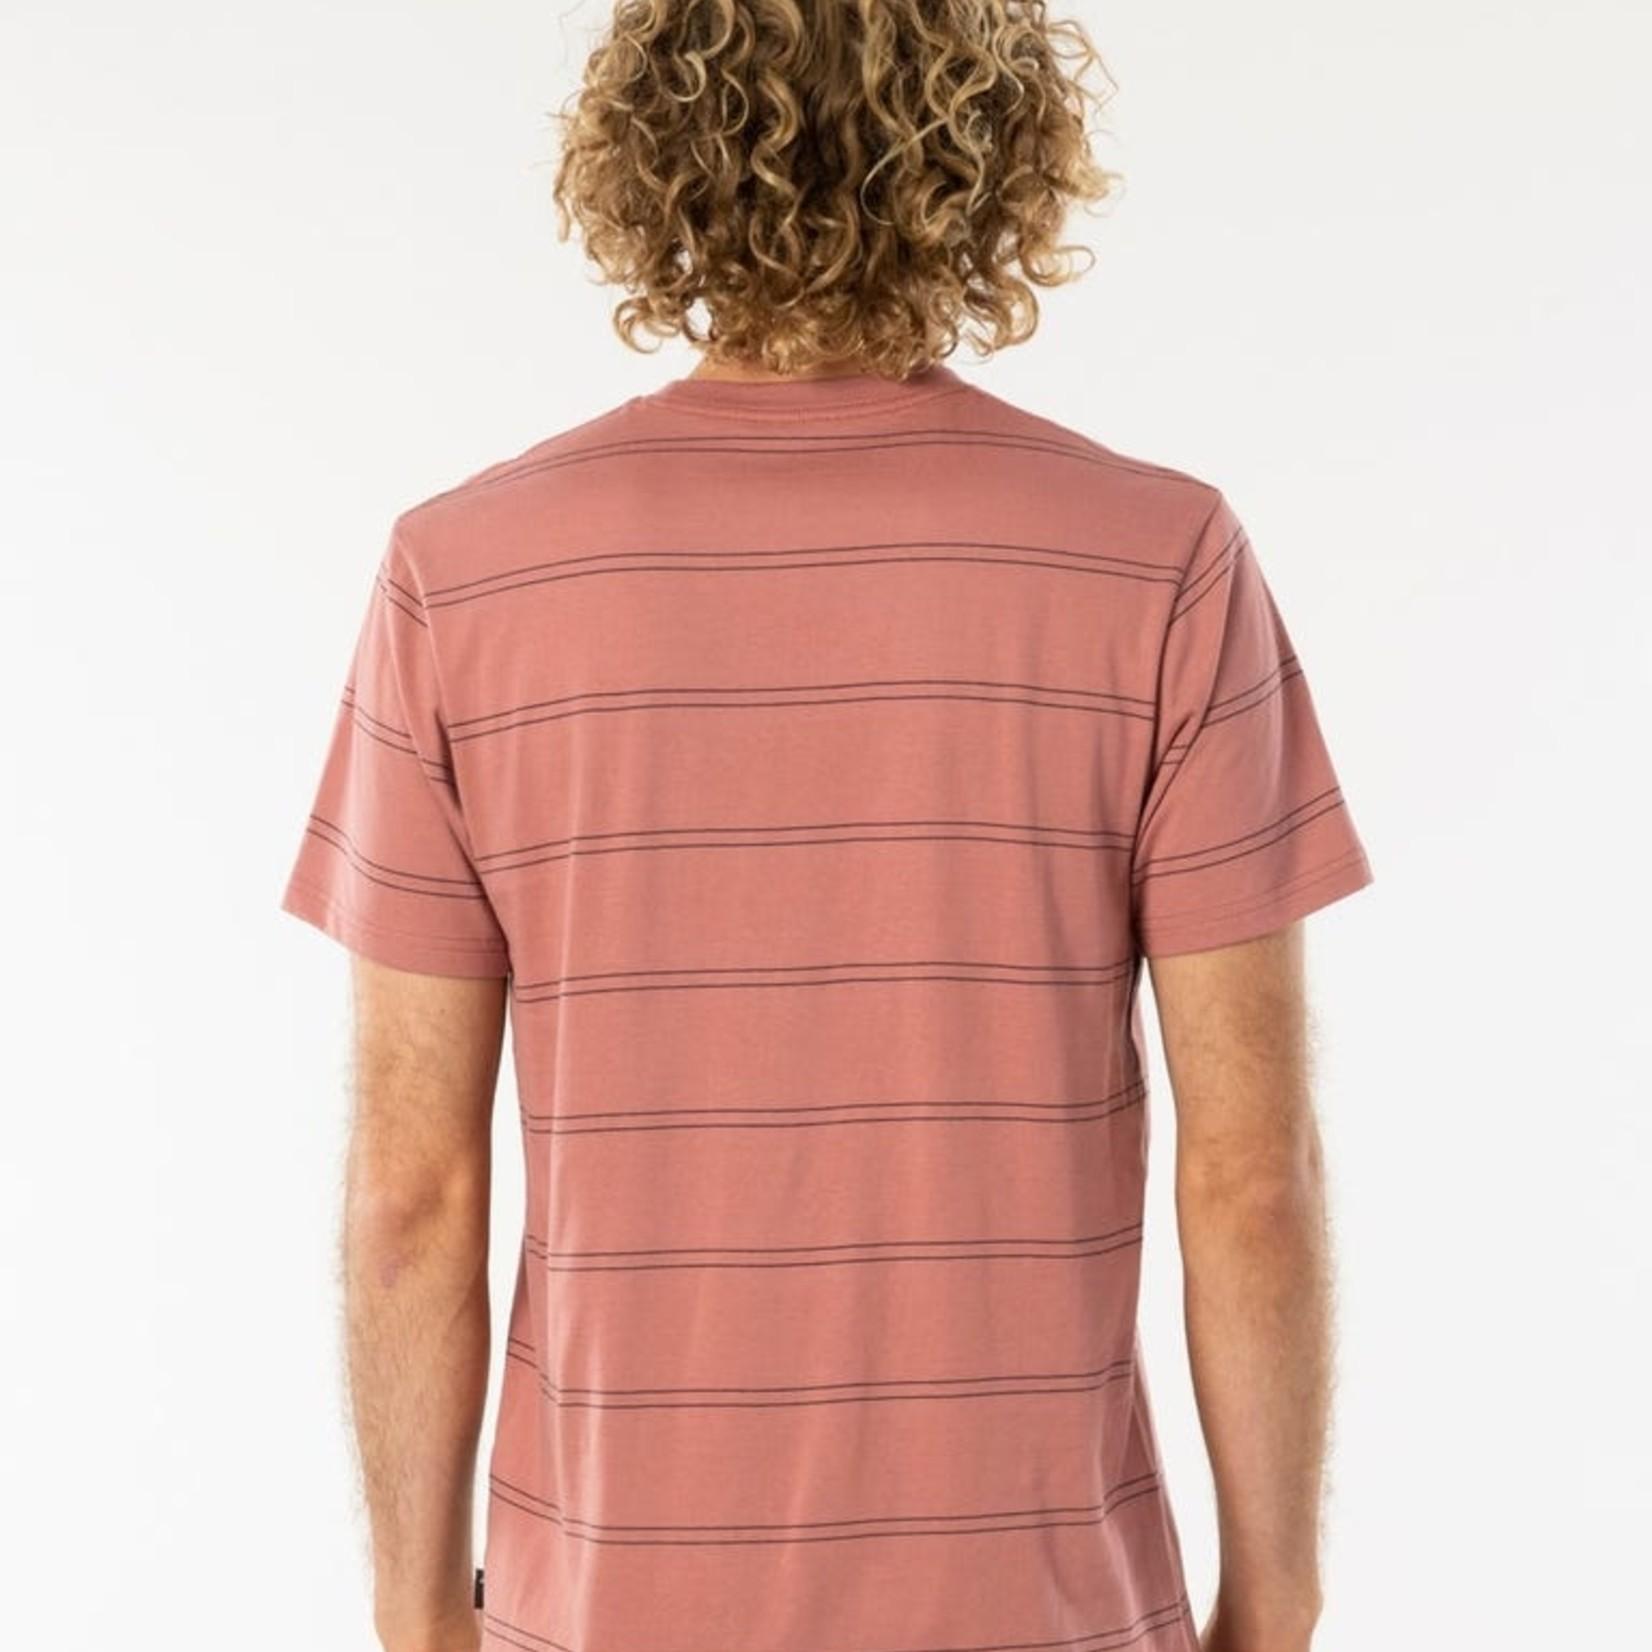 RipCurl Rip Curl Plain Stripe Tee